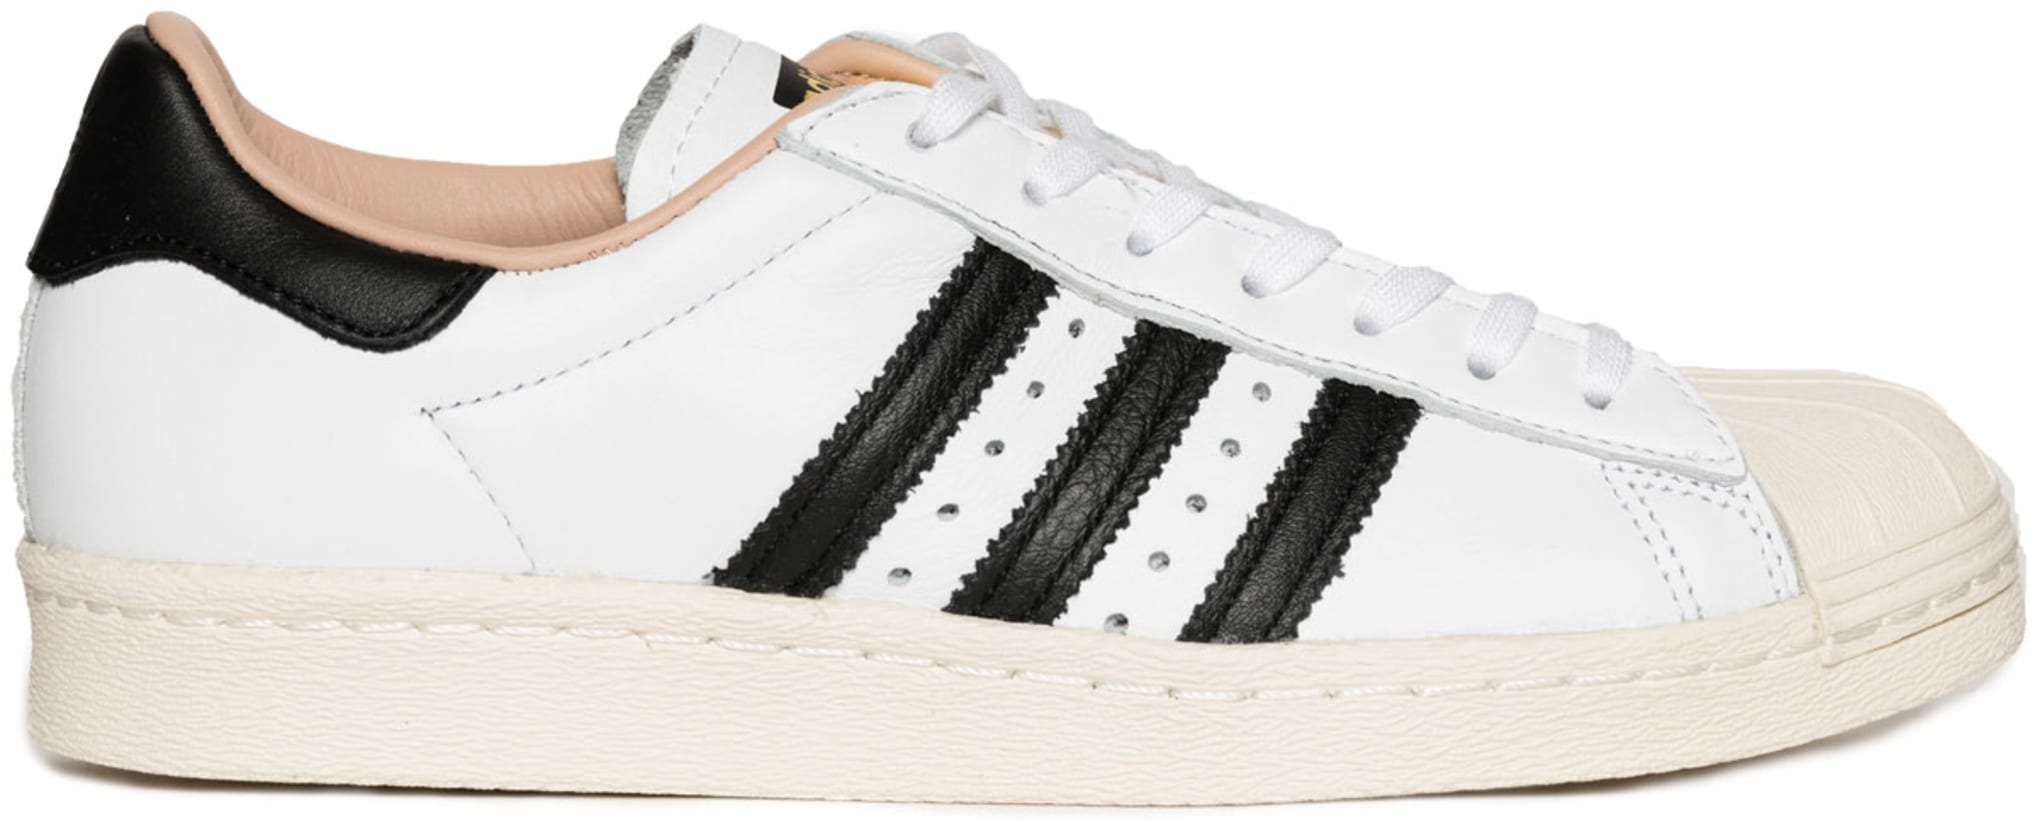 Superstar 80s Blancnoirblanc Chaussures 1 Originals Adidas KTlF1Jc